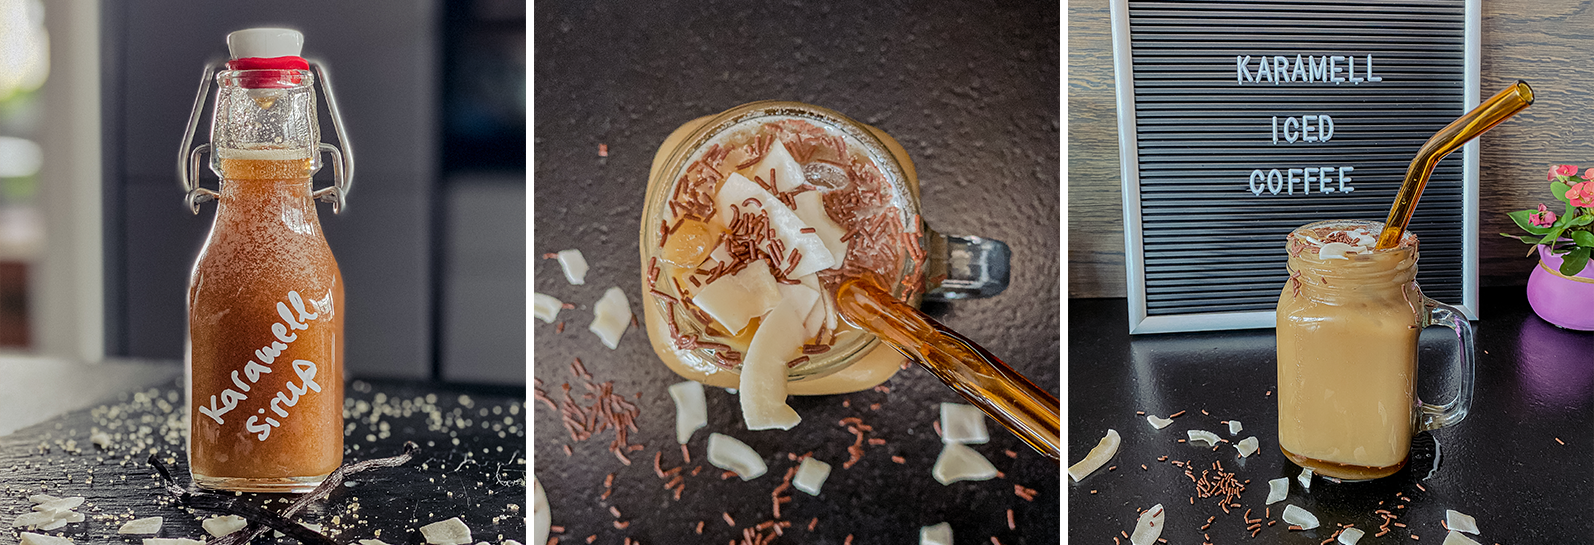 Iskaffe med karamelsirup